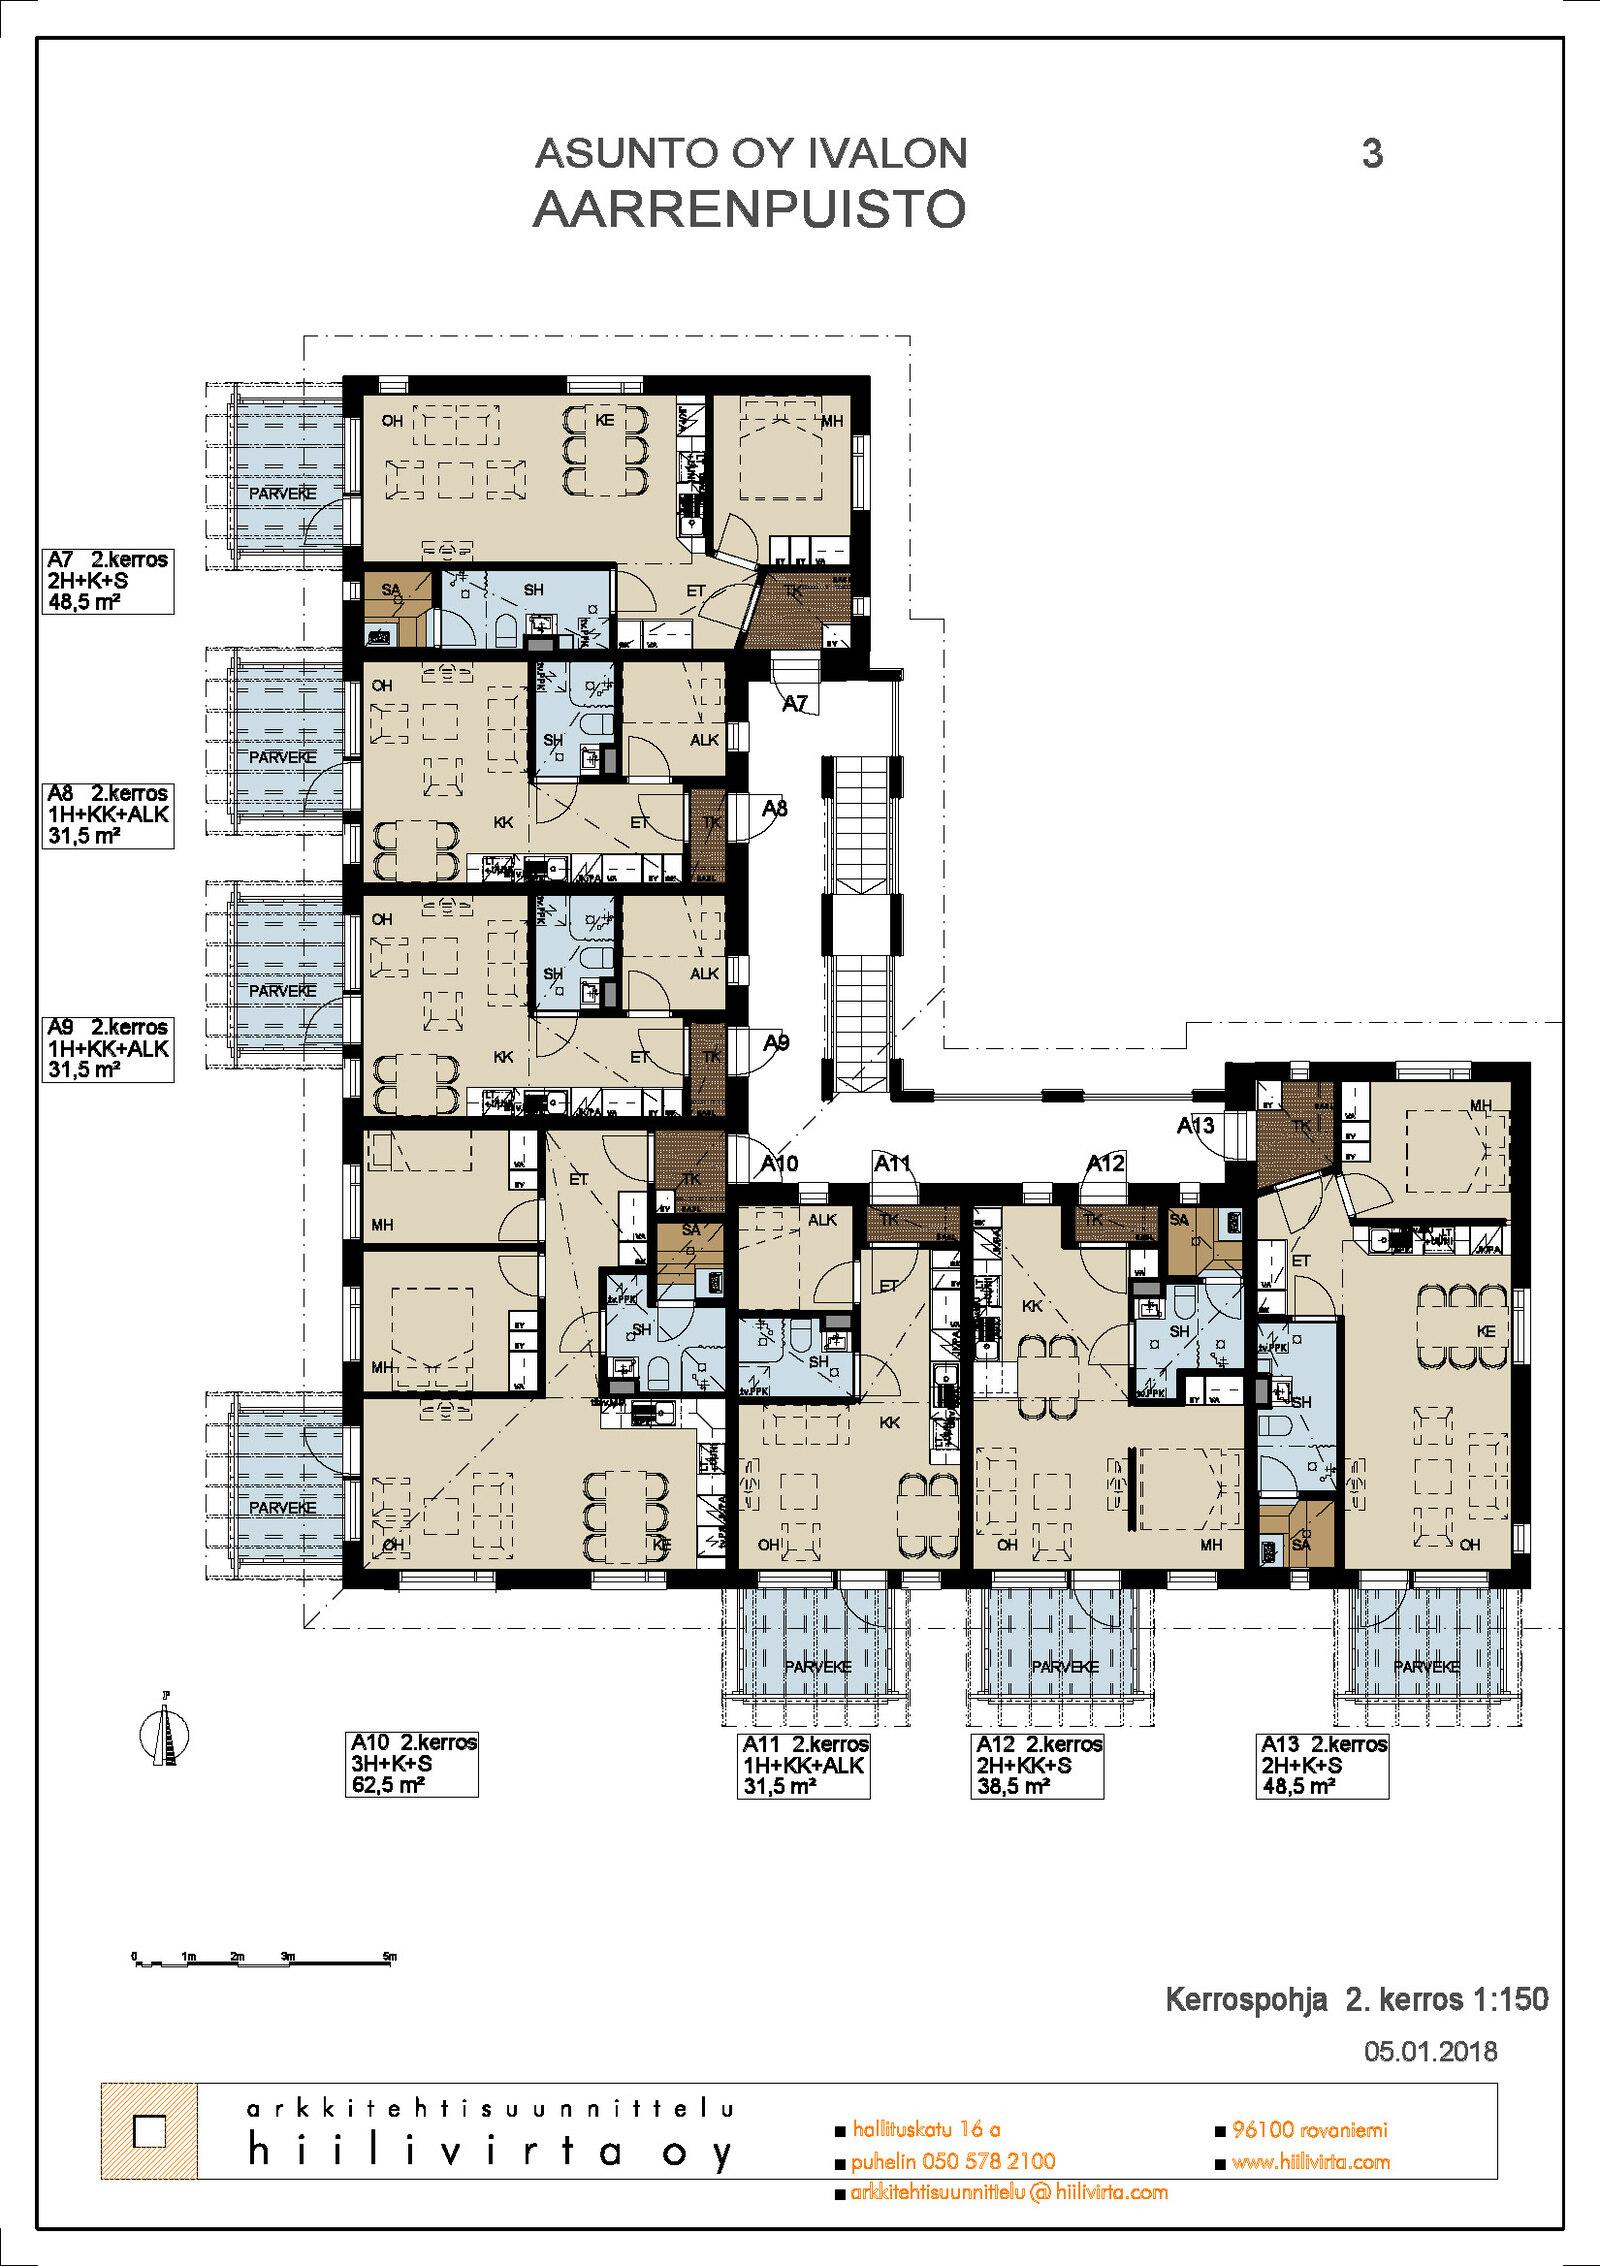 2.kerroksen pohja koko talo